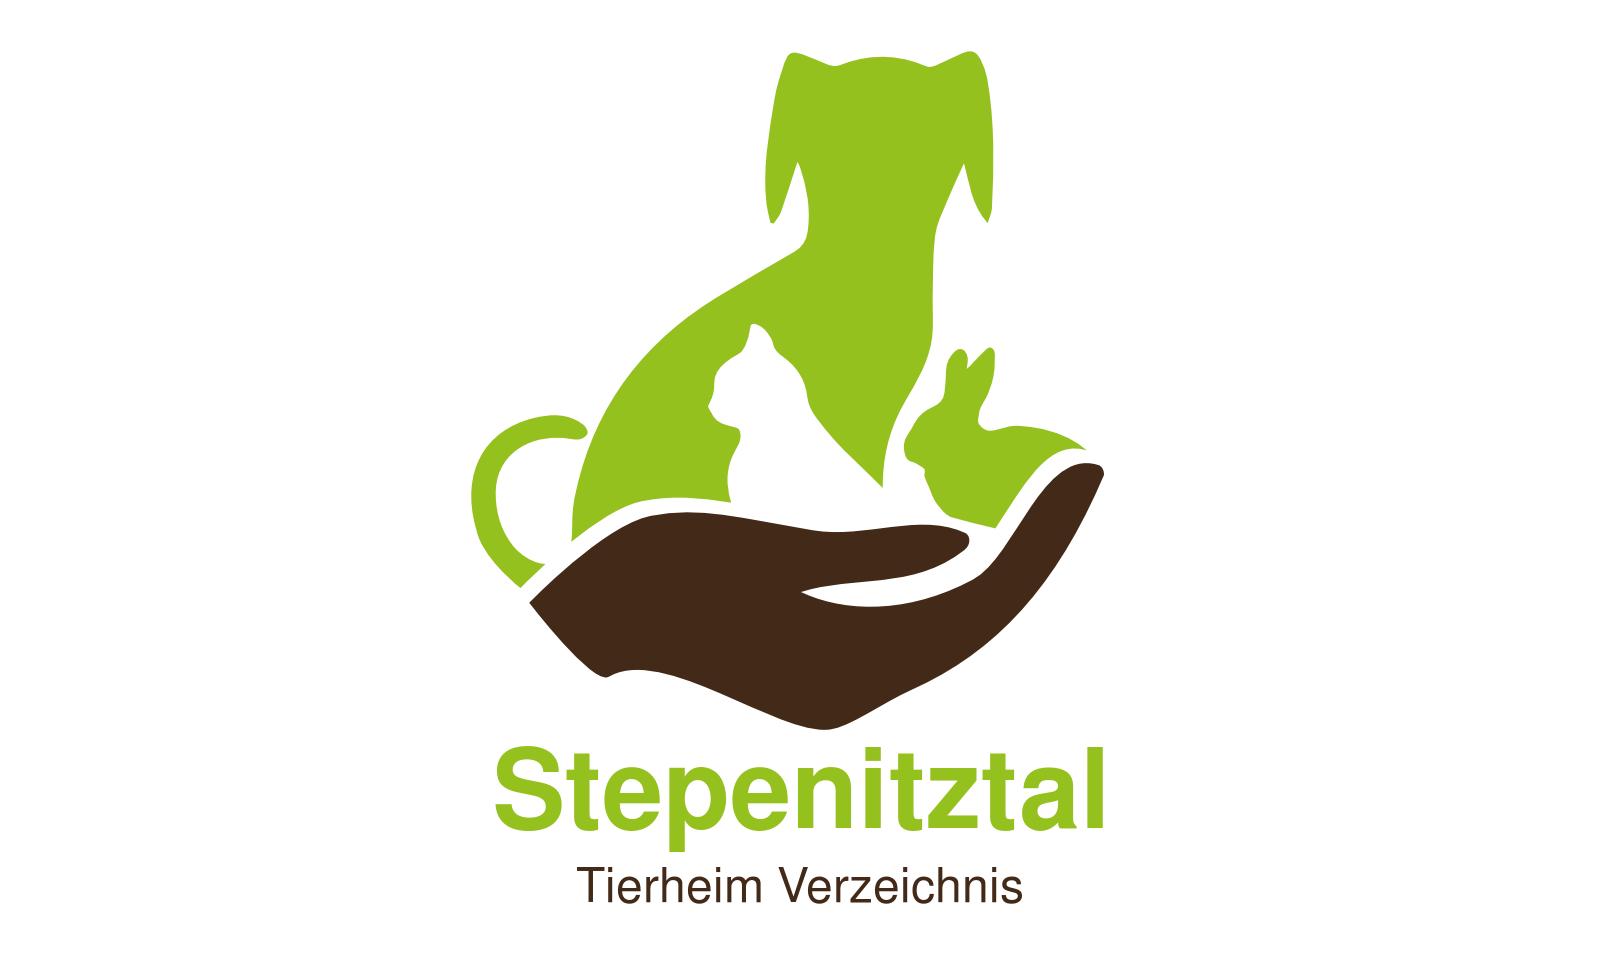 Tierheim Stepenitztal